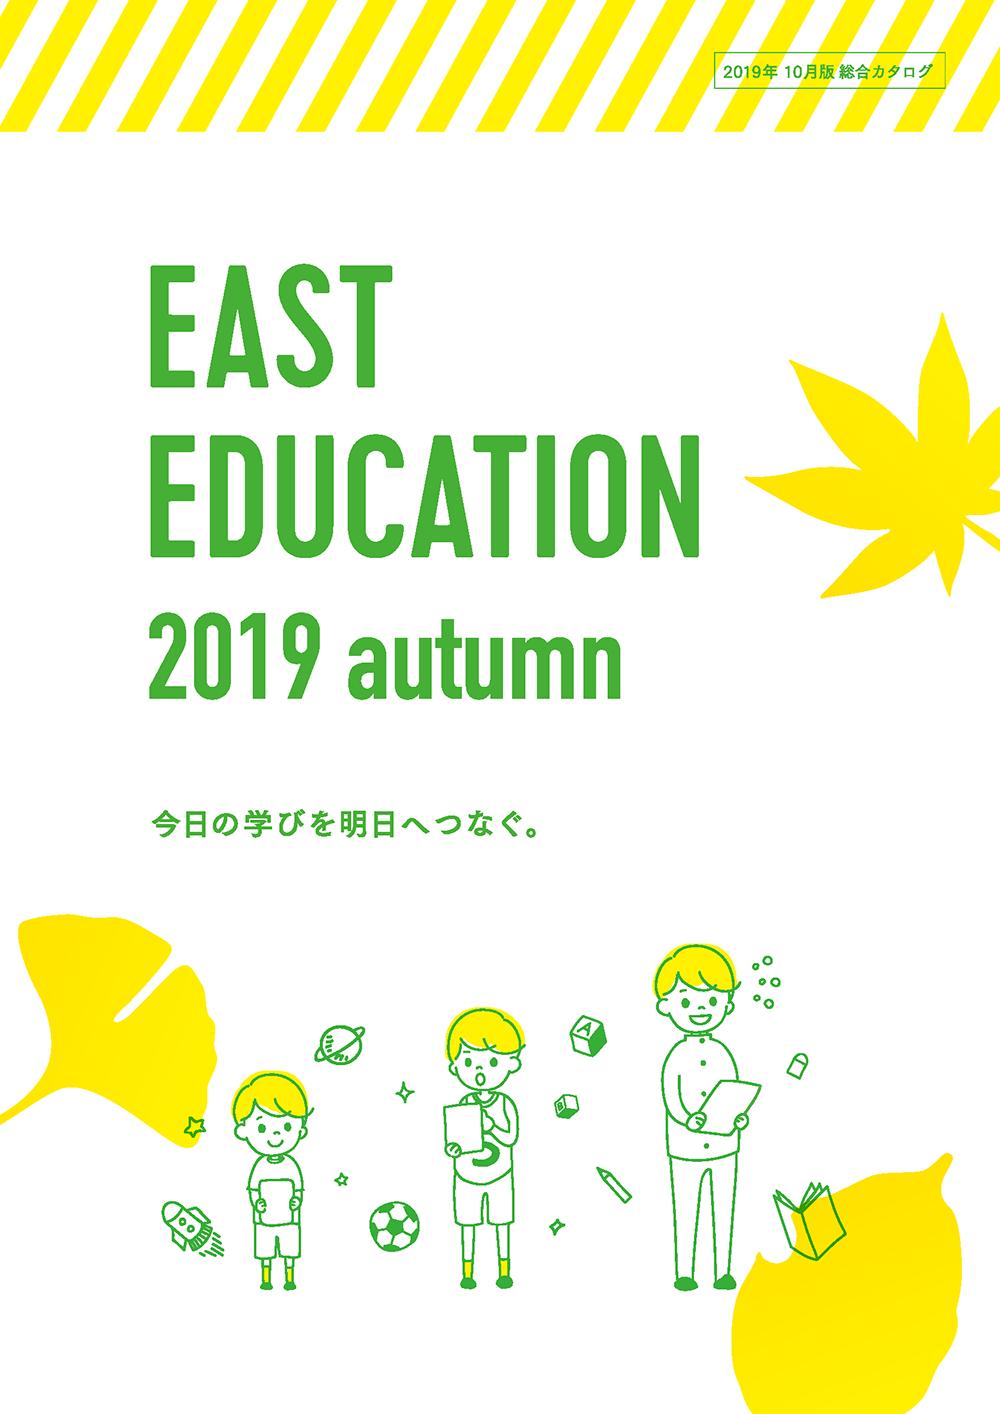 総合カタログ2019 autumn版